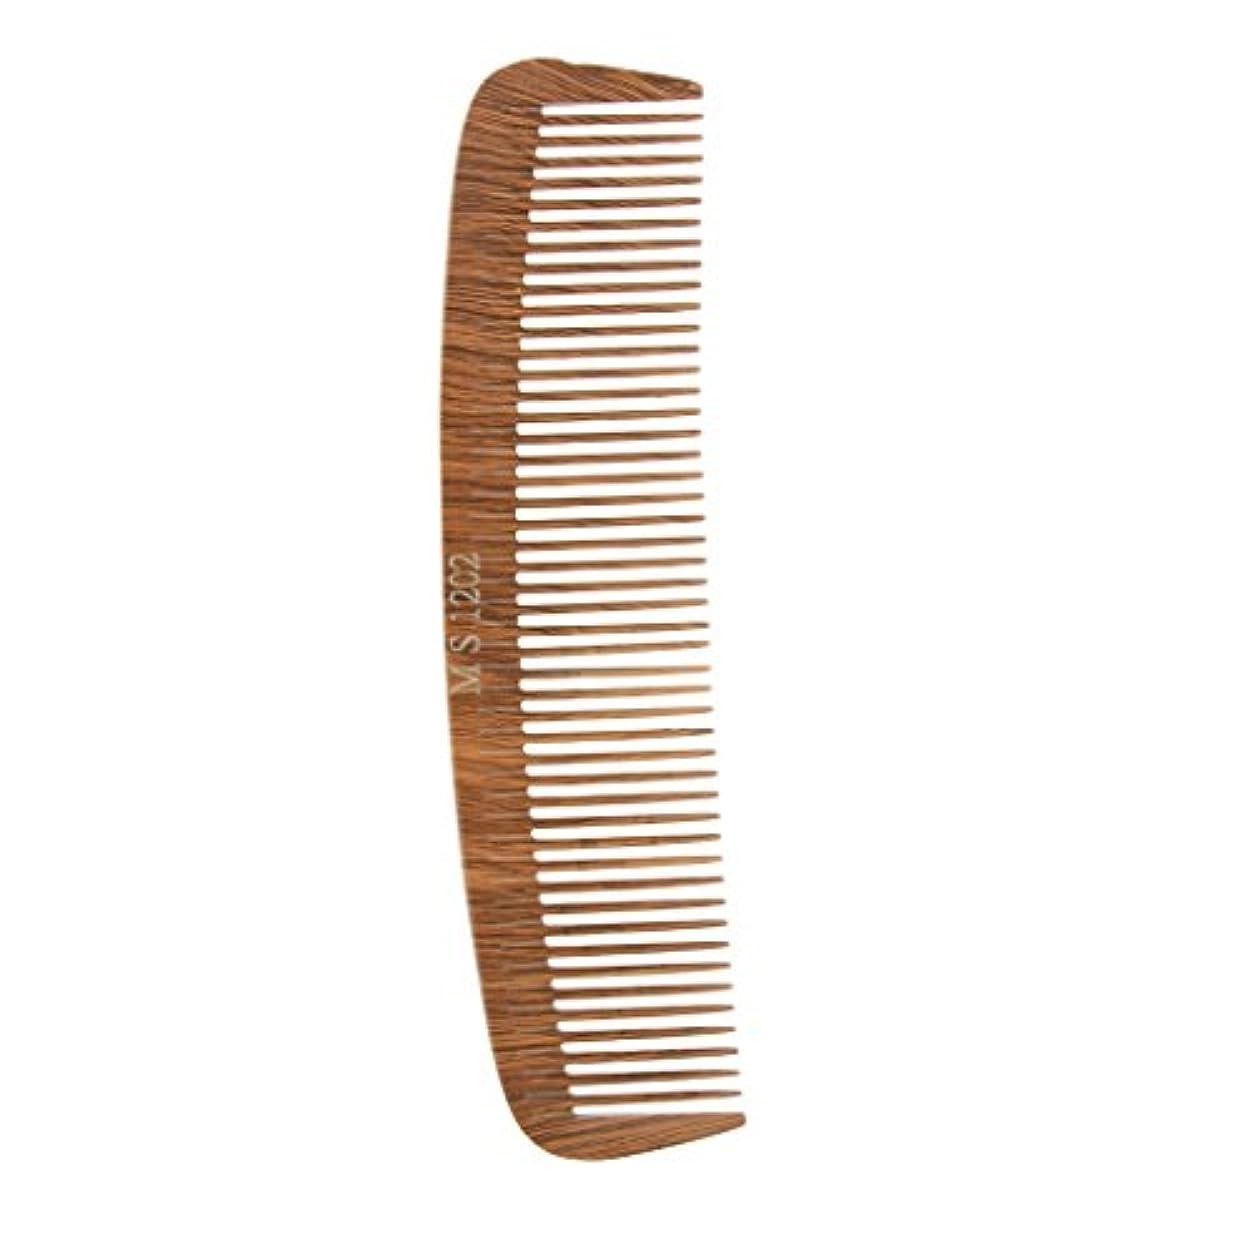 東裁判所適応するヘアカットコーム コーム 木製櫛 帯電防止 4タイプ選べる - 1202